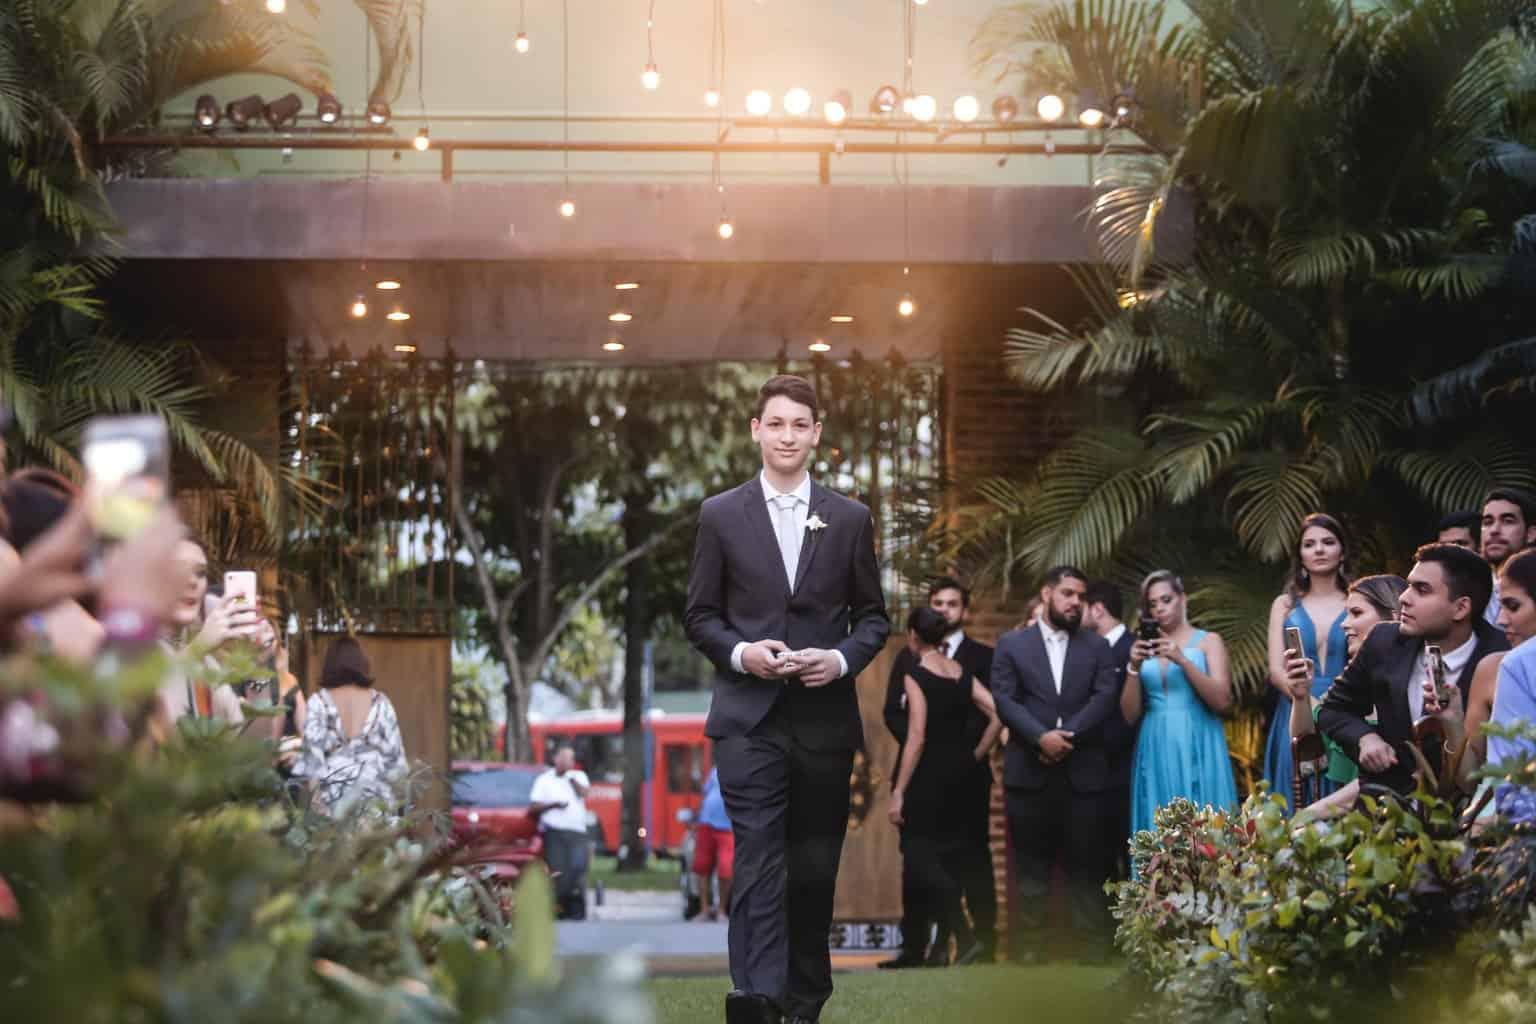 Casamento-Raquel-e-Hugo-cerimonia-ao-ar-livre-pajem-Ricardo-Nascimento-Usina-Dois-Irmaos38